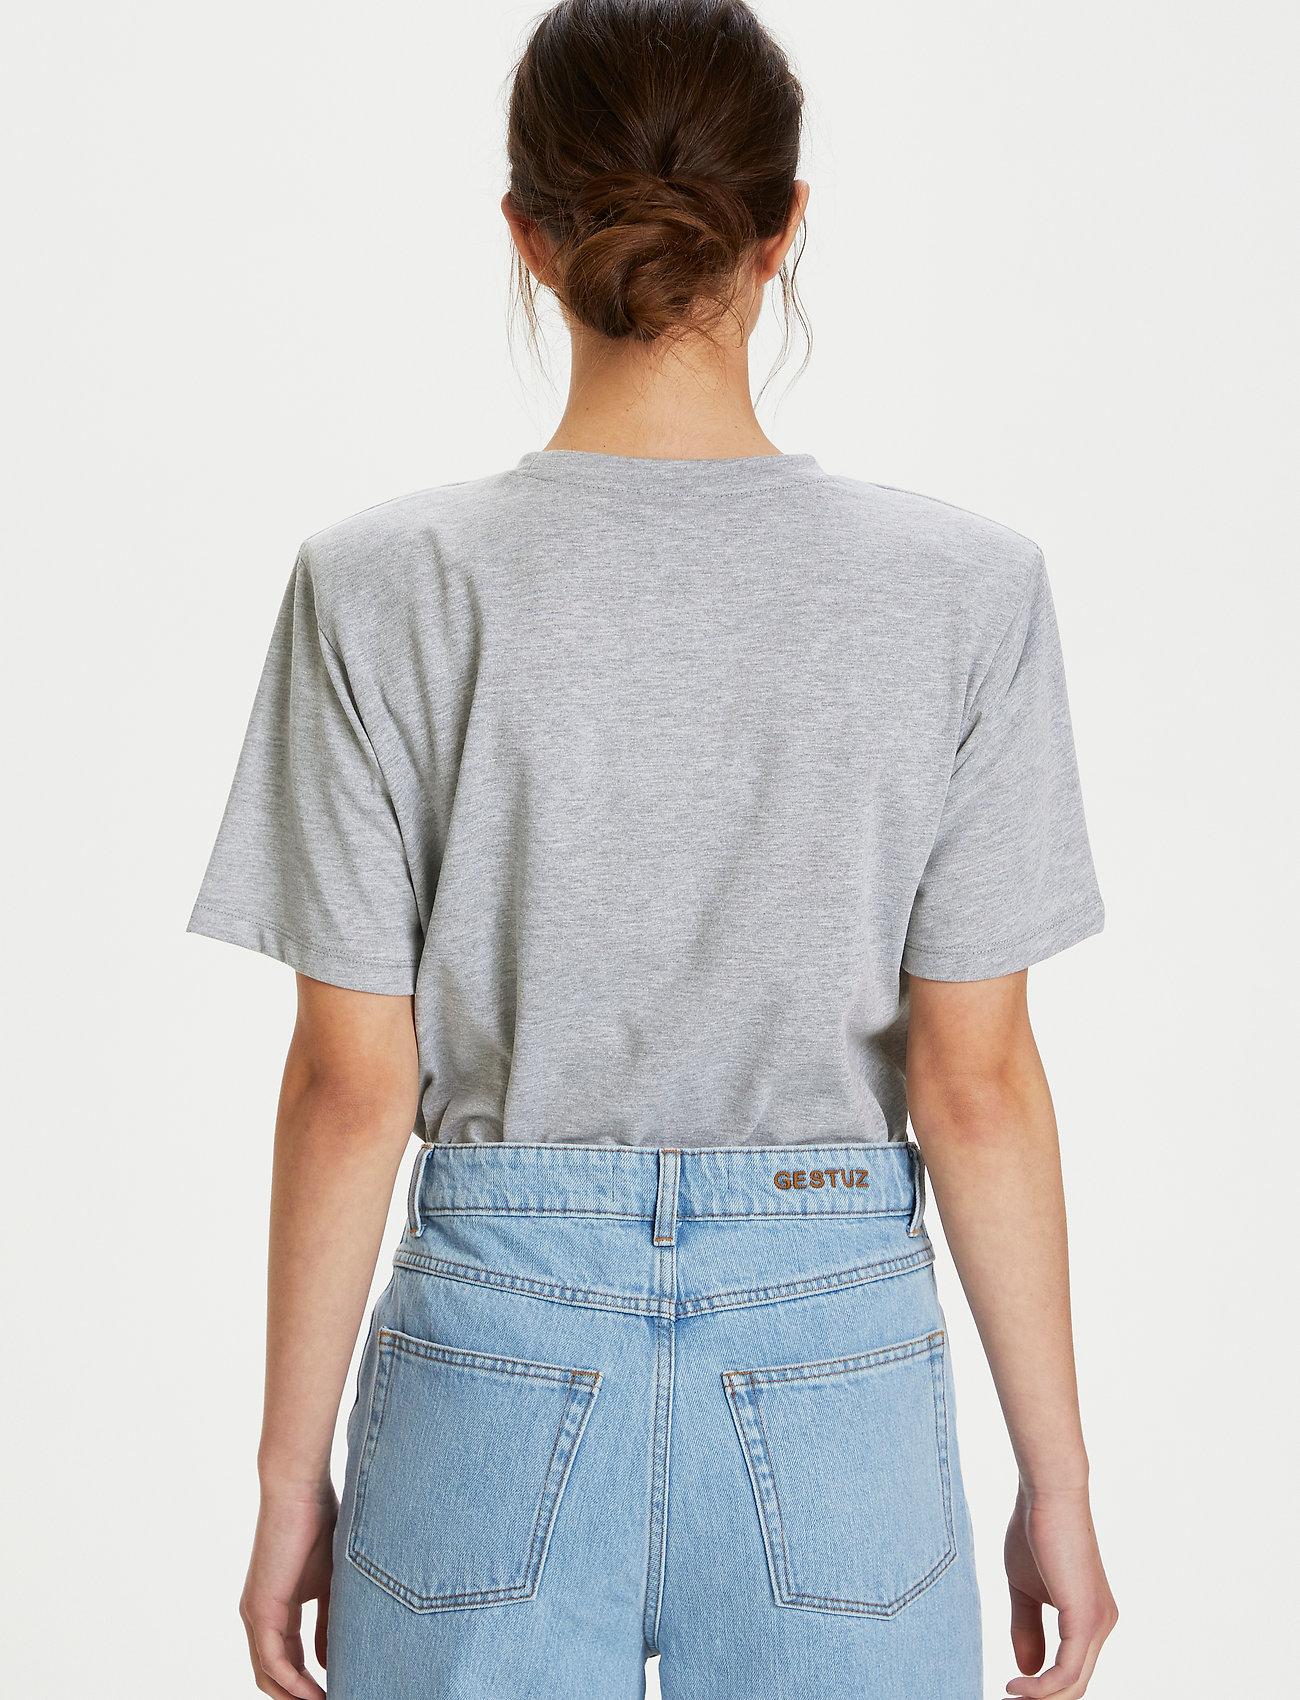 Gestuz - JoryGZ tee - t-shirts - grey melange - 3